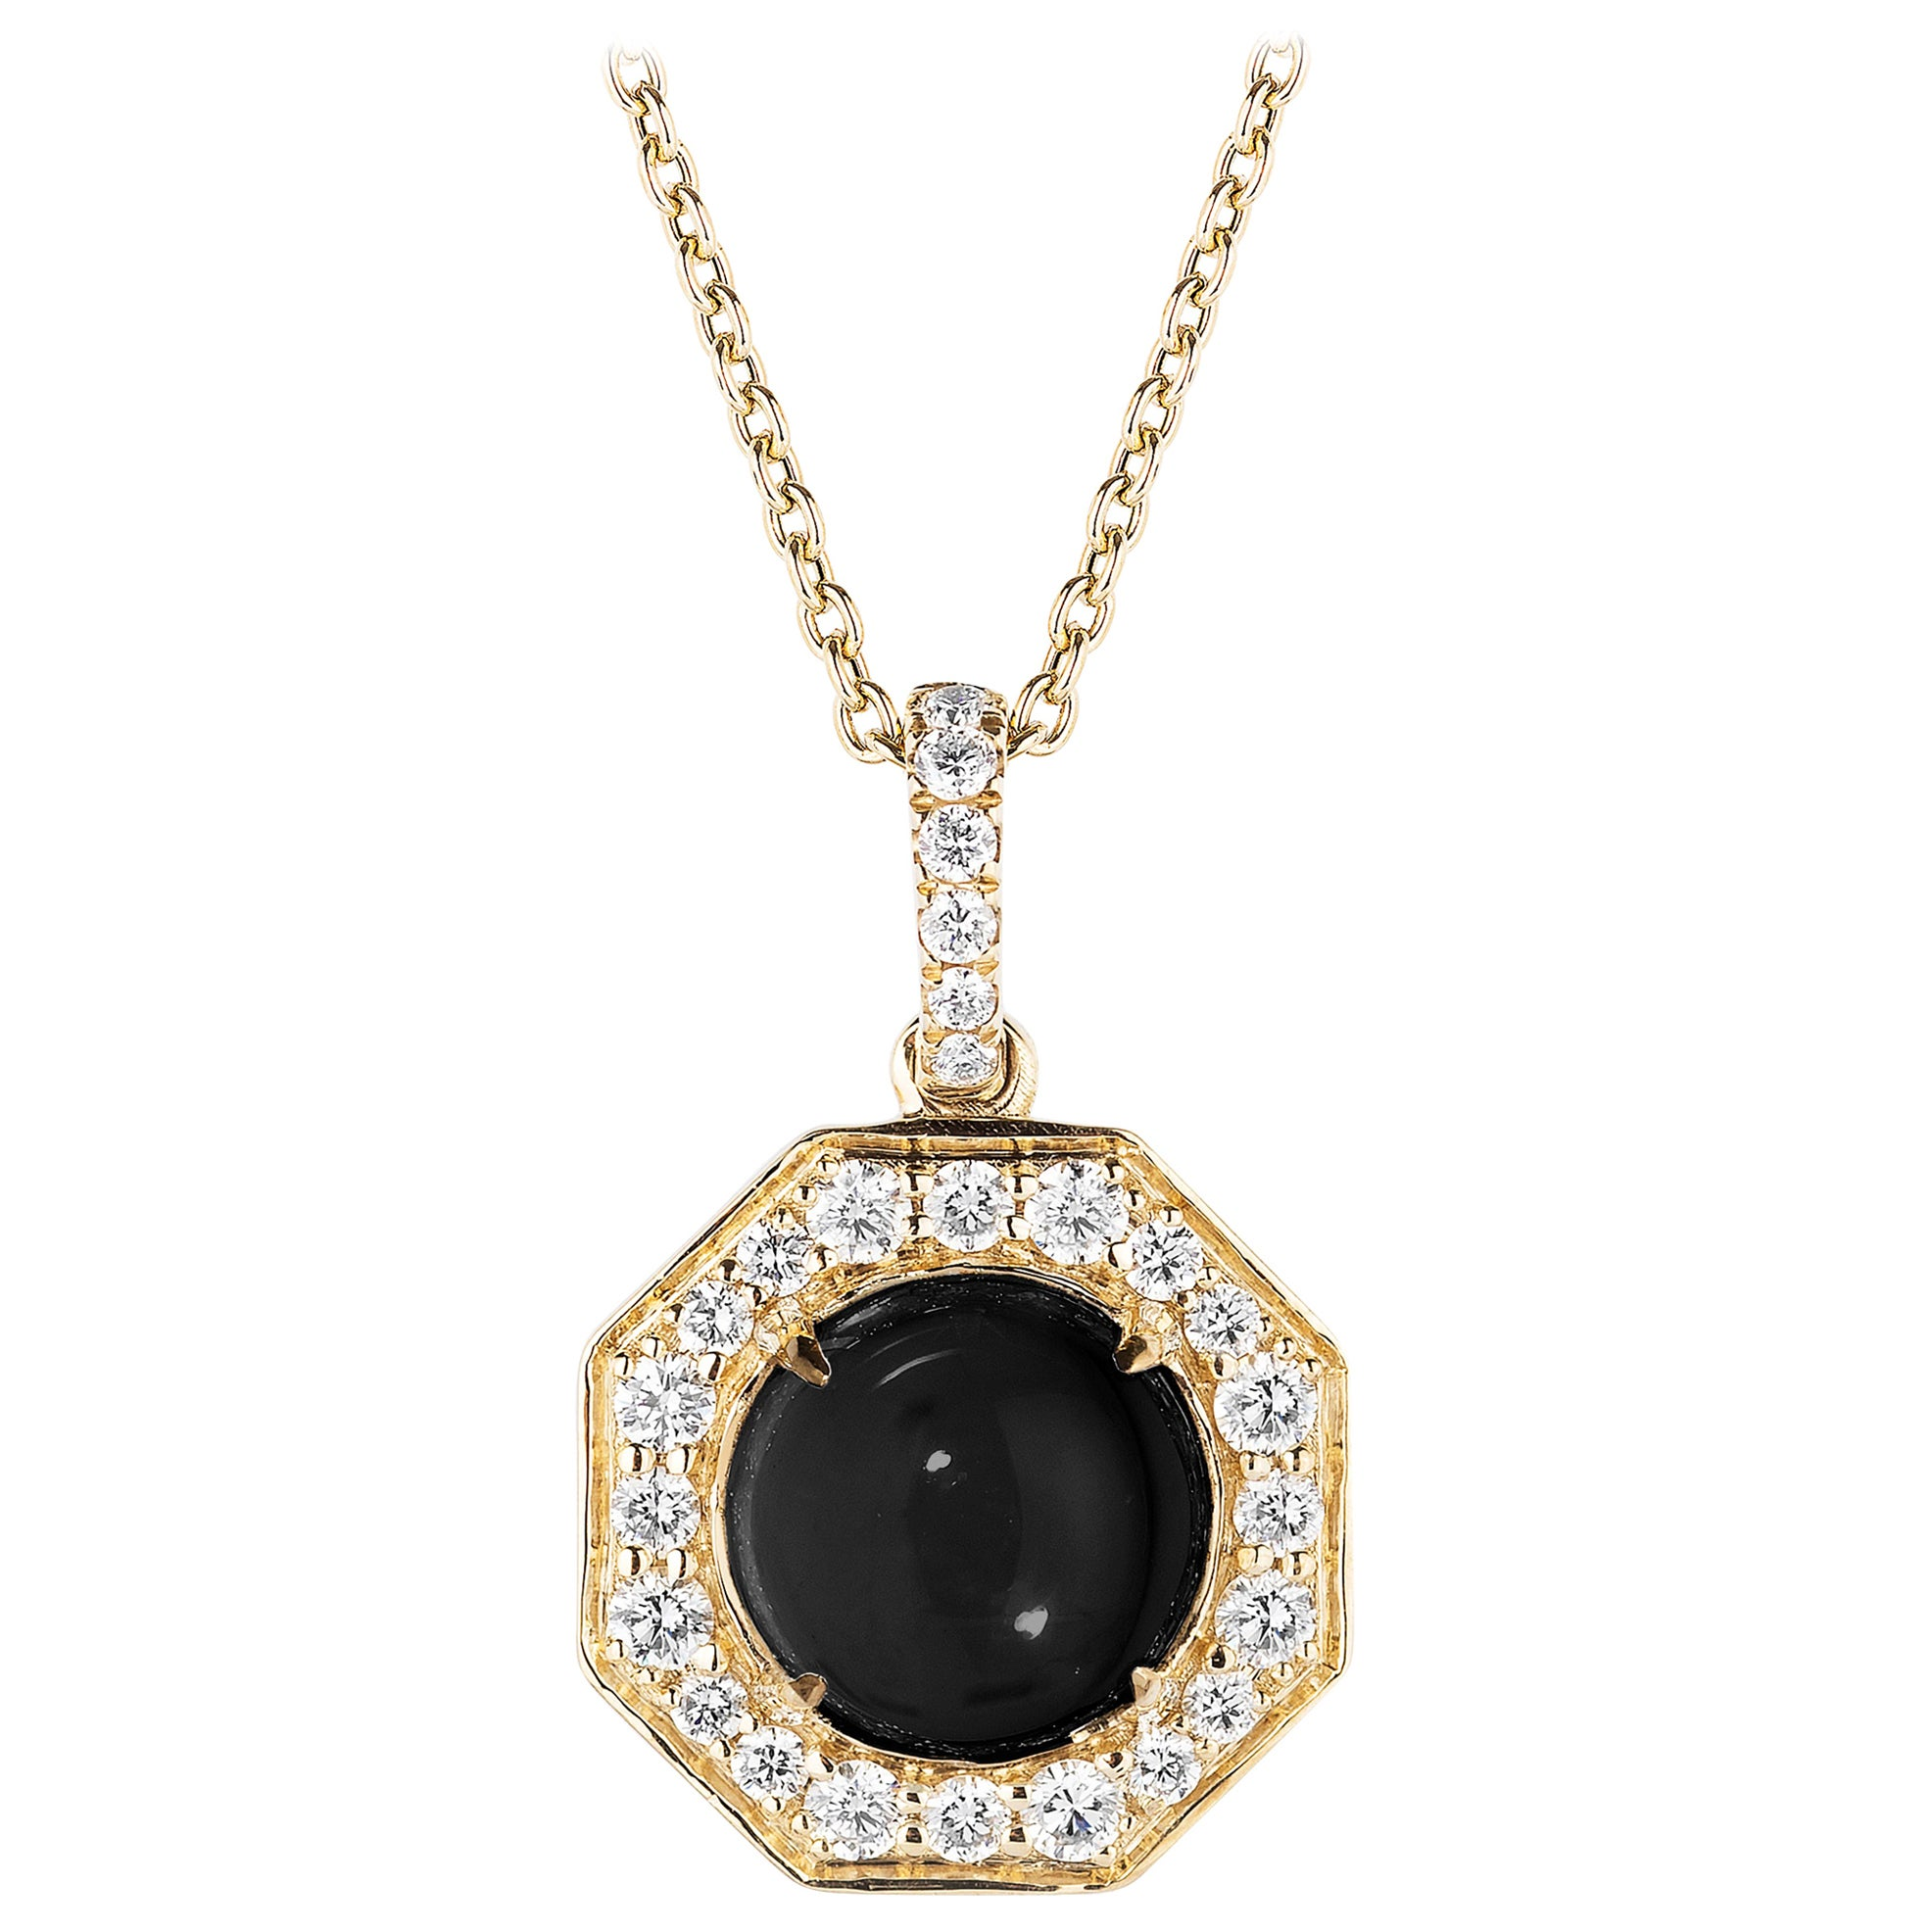 Goshwara Onyx Cabochon And Diamond Pendant